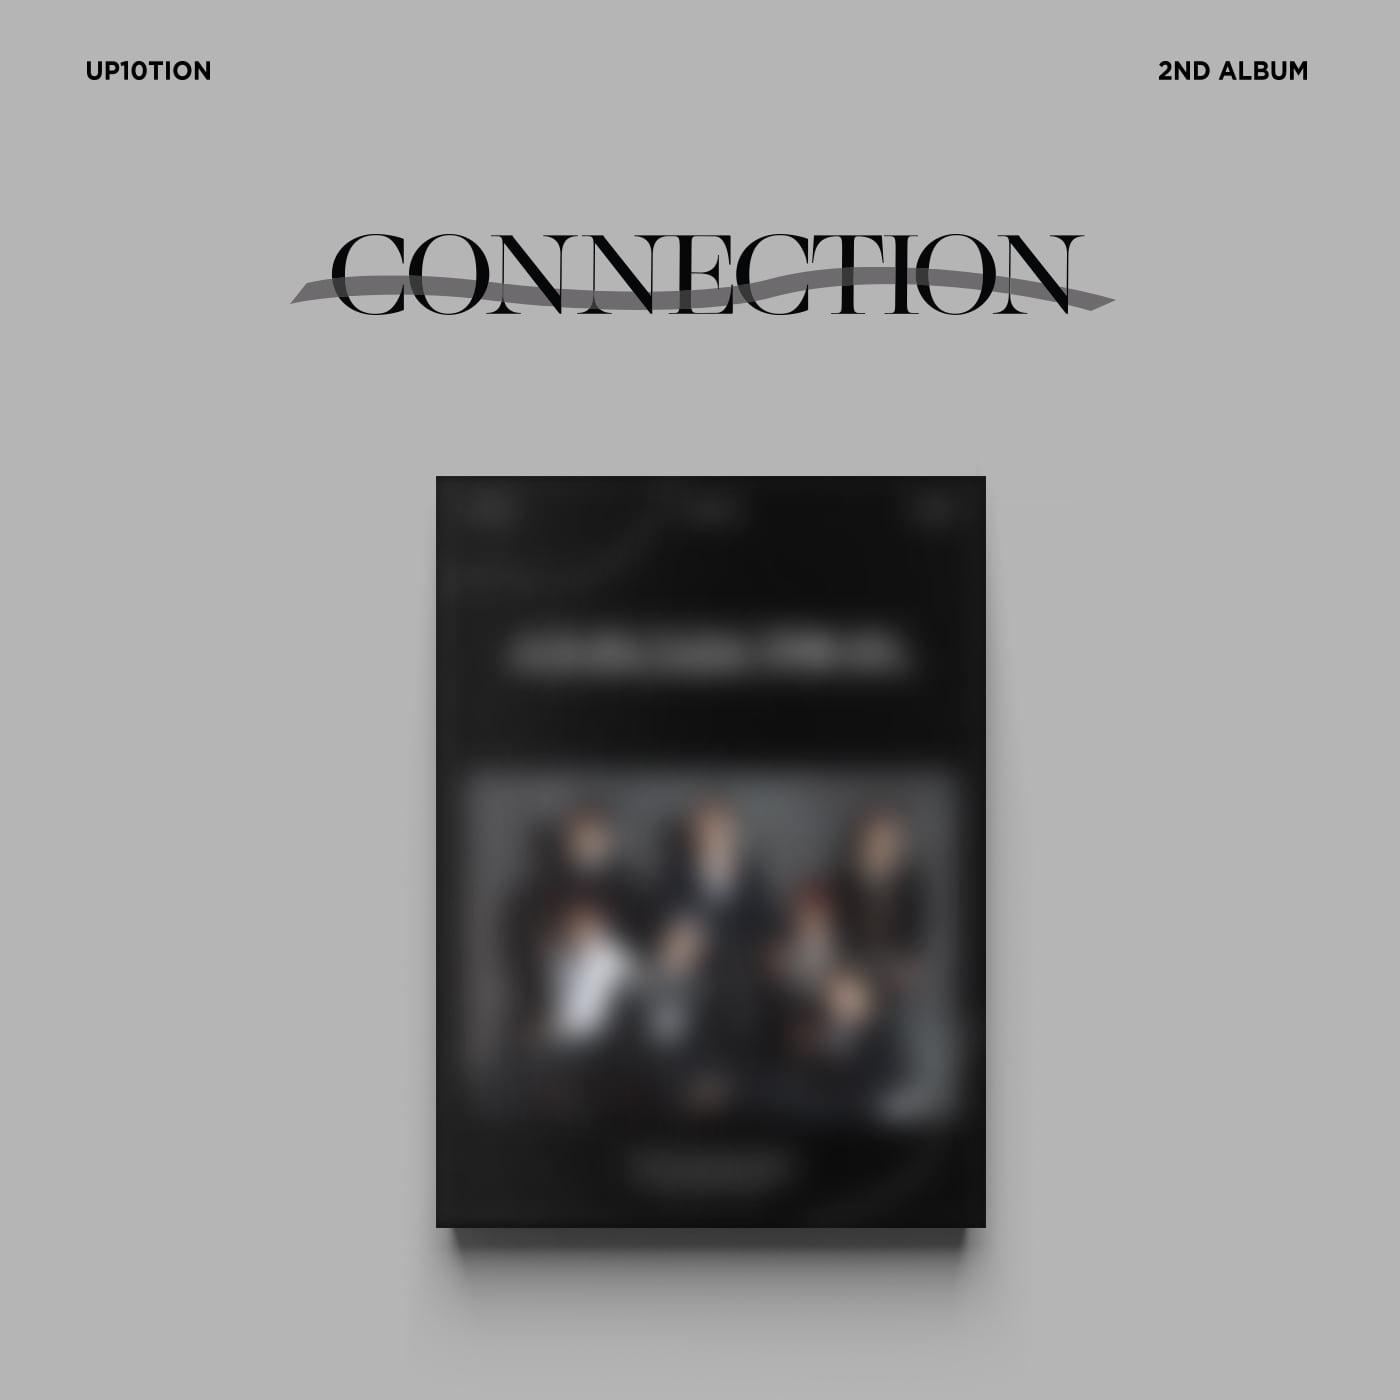 업텐션(UP10TION) - 정규 2집 [CONNECTION] (silhouette ver.)케이팝스토어(kpop store)